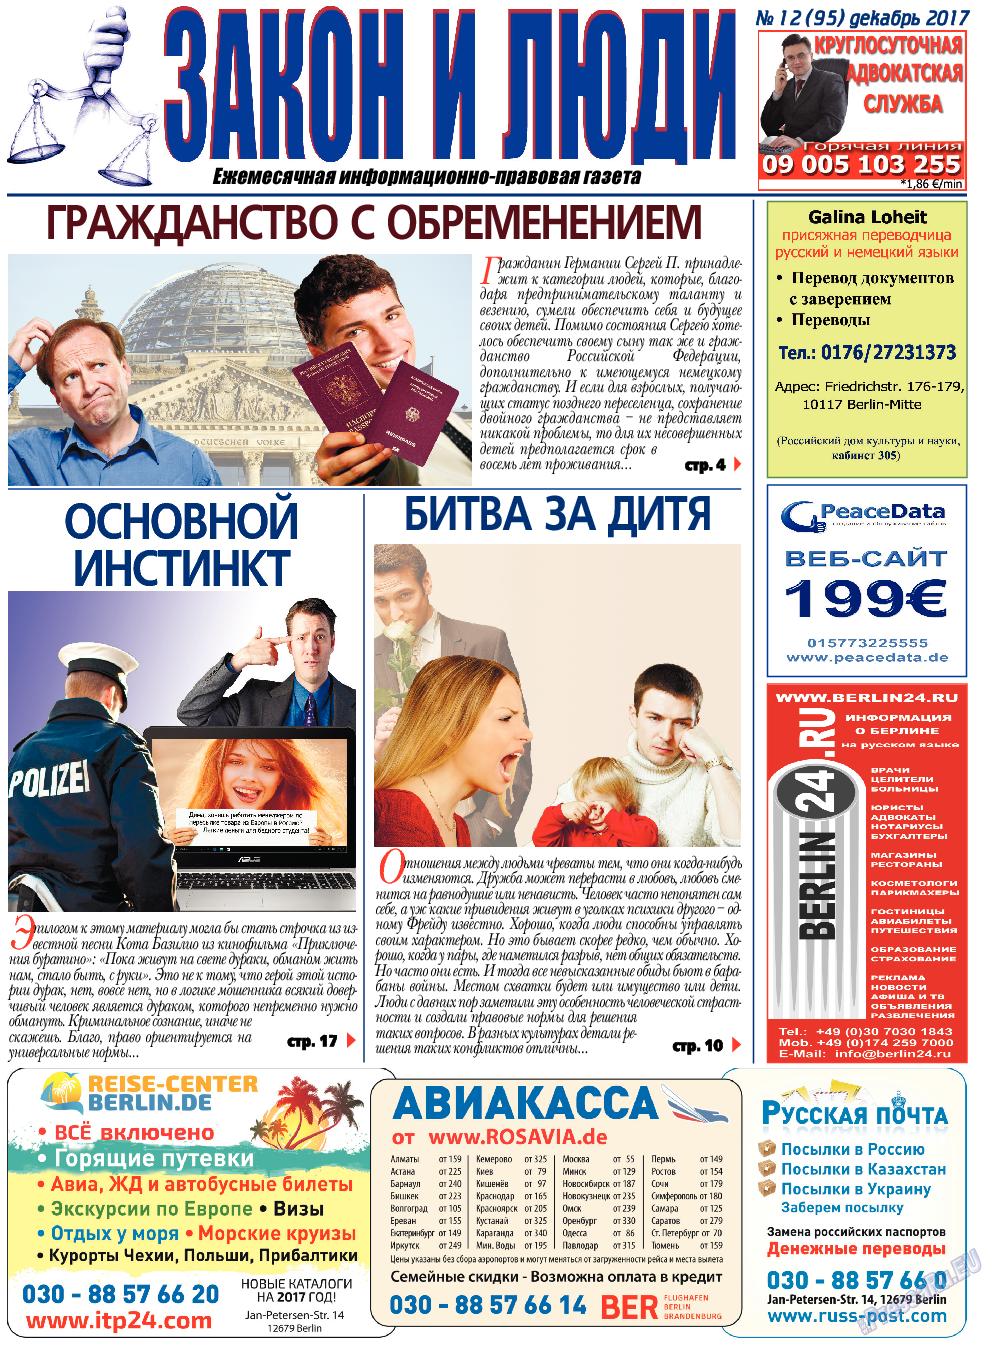 Закон и люди (газета). 2017 год, номер 12, стр. 1